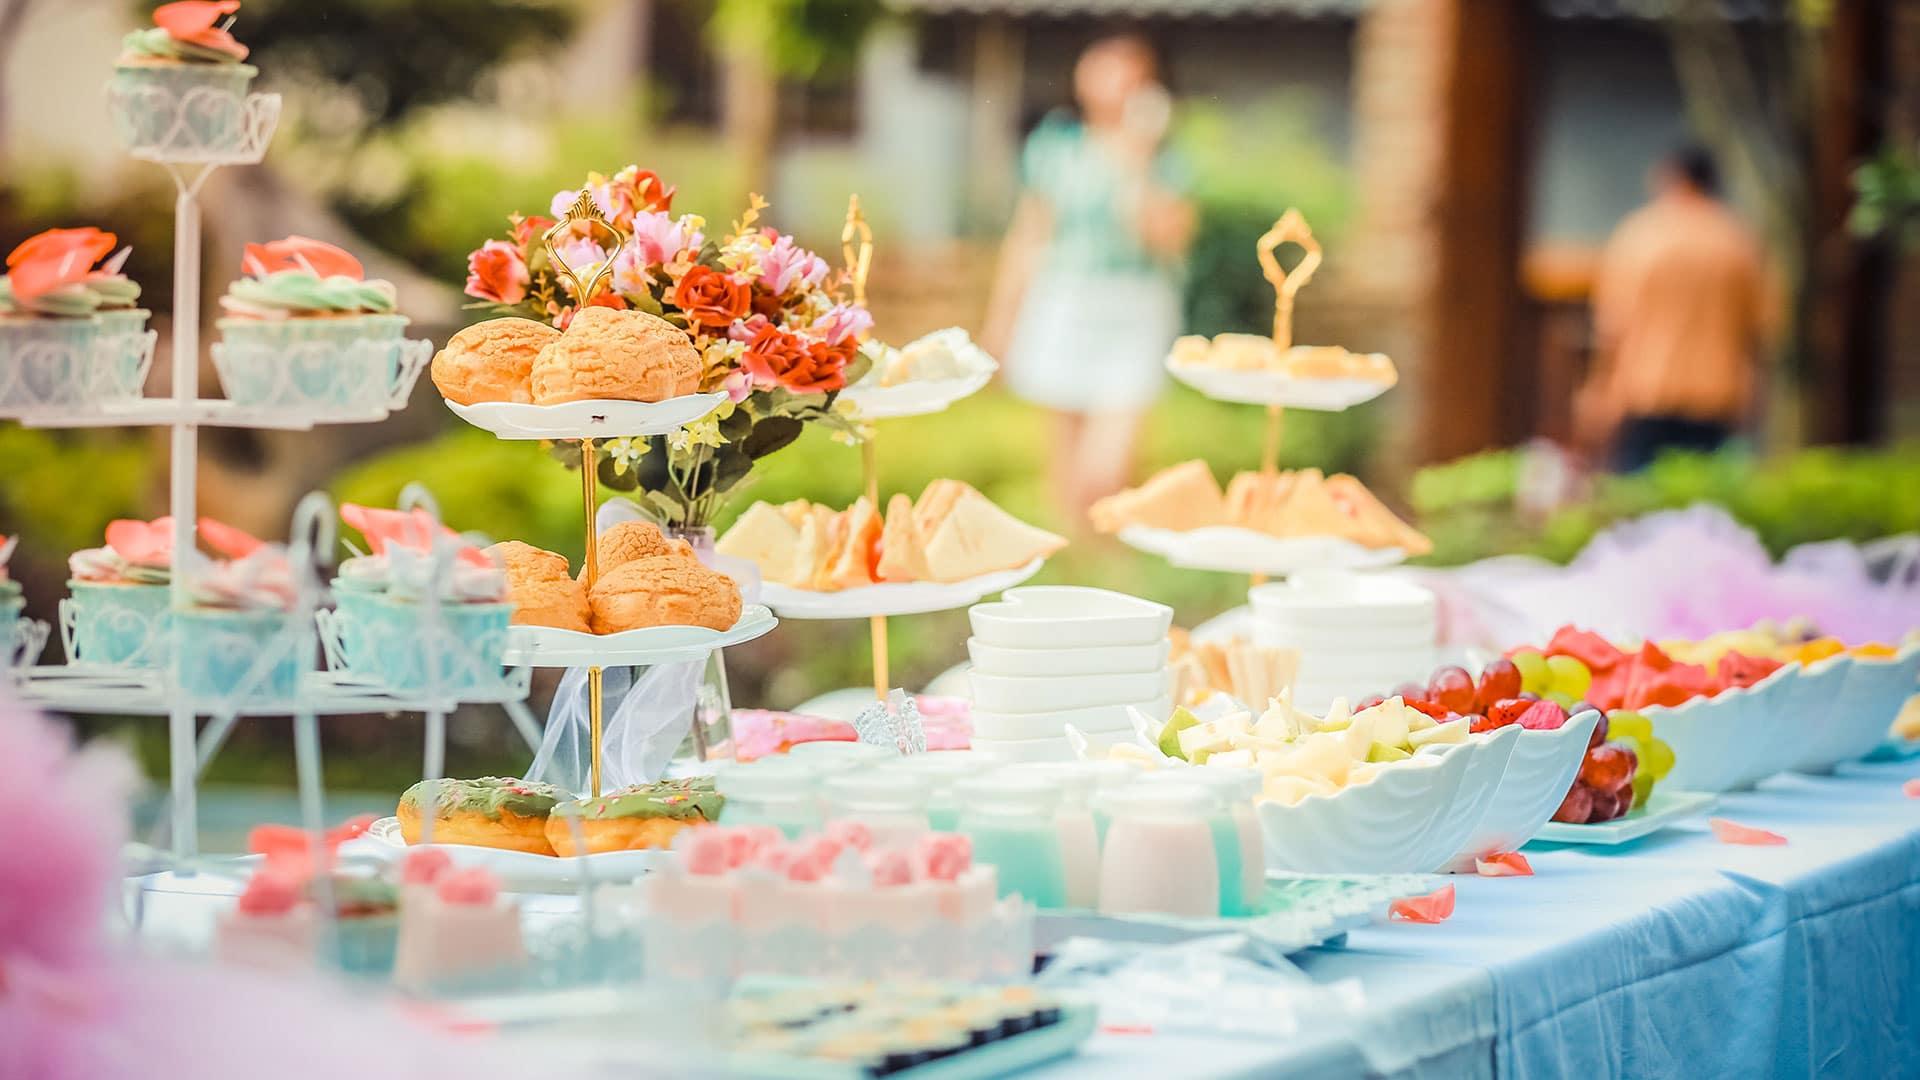 buffet-catering-belmon